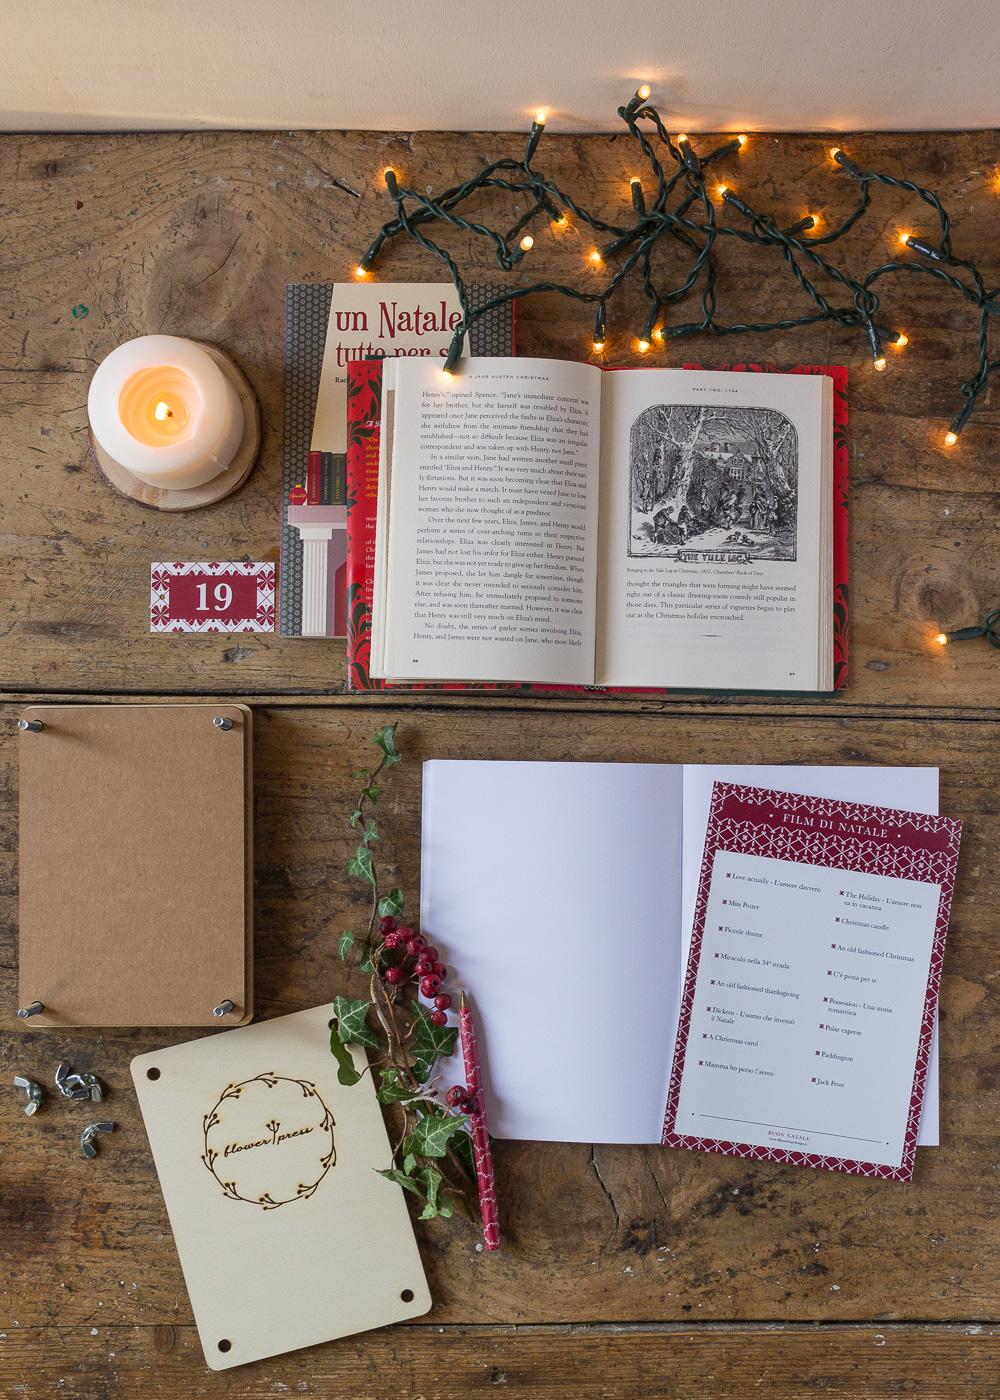 Calendario dell'Avvento - Un momento tutto per sé - Un Natale di tradizioni - Lily&SageDesign